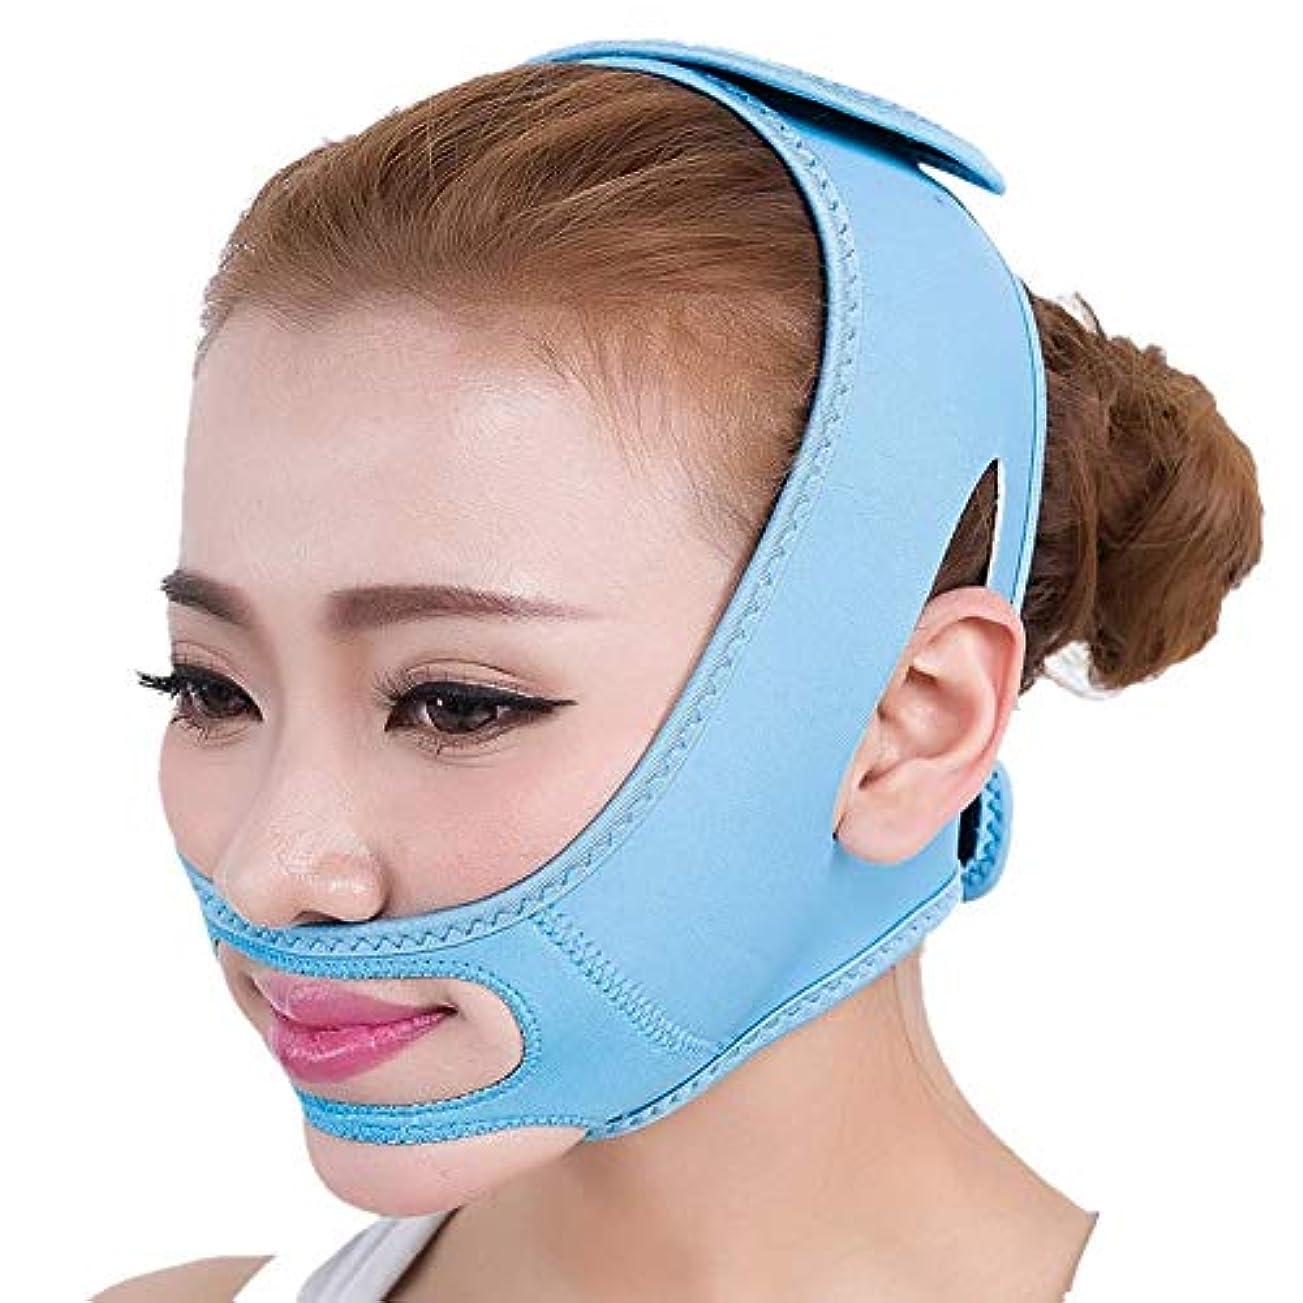 水っぽいリストレンジフェイススリミングマスク、スリムリフトタイトスキンバンデージダブルチンスリミングベルトフォーコンパクトフェイシャルスキン